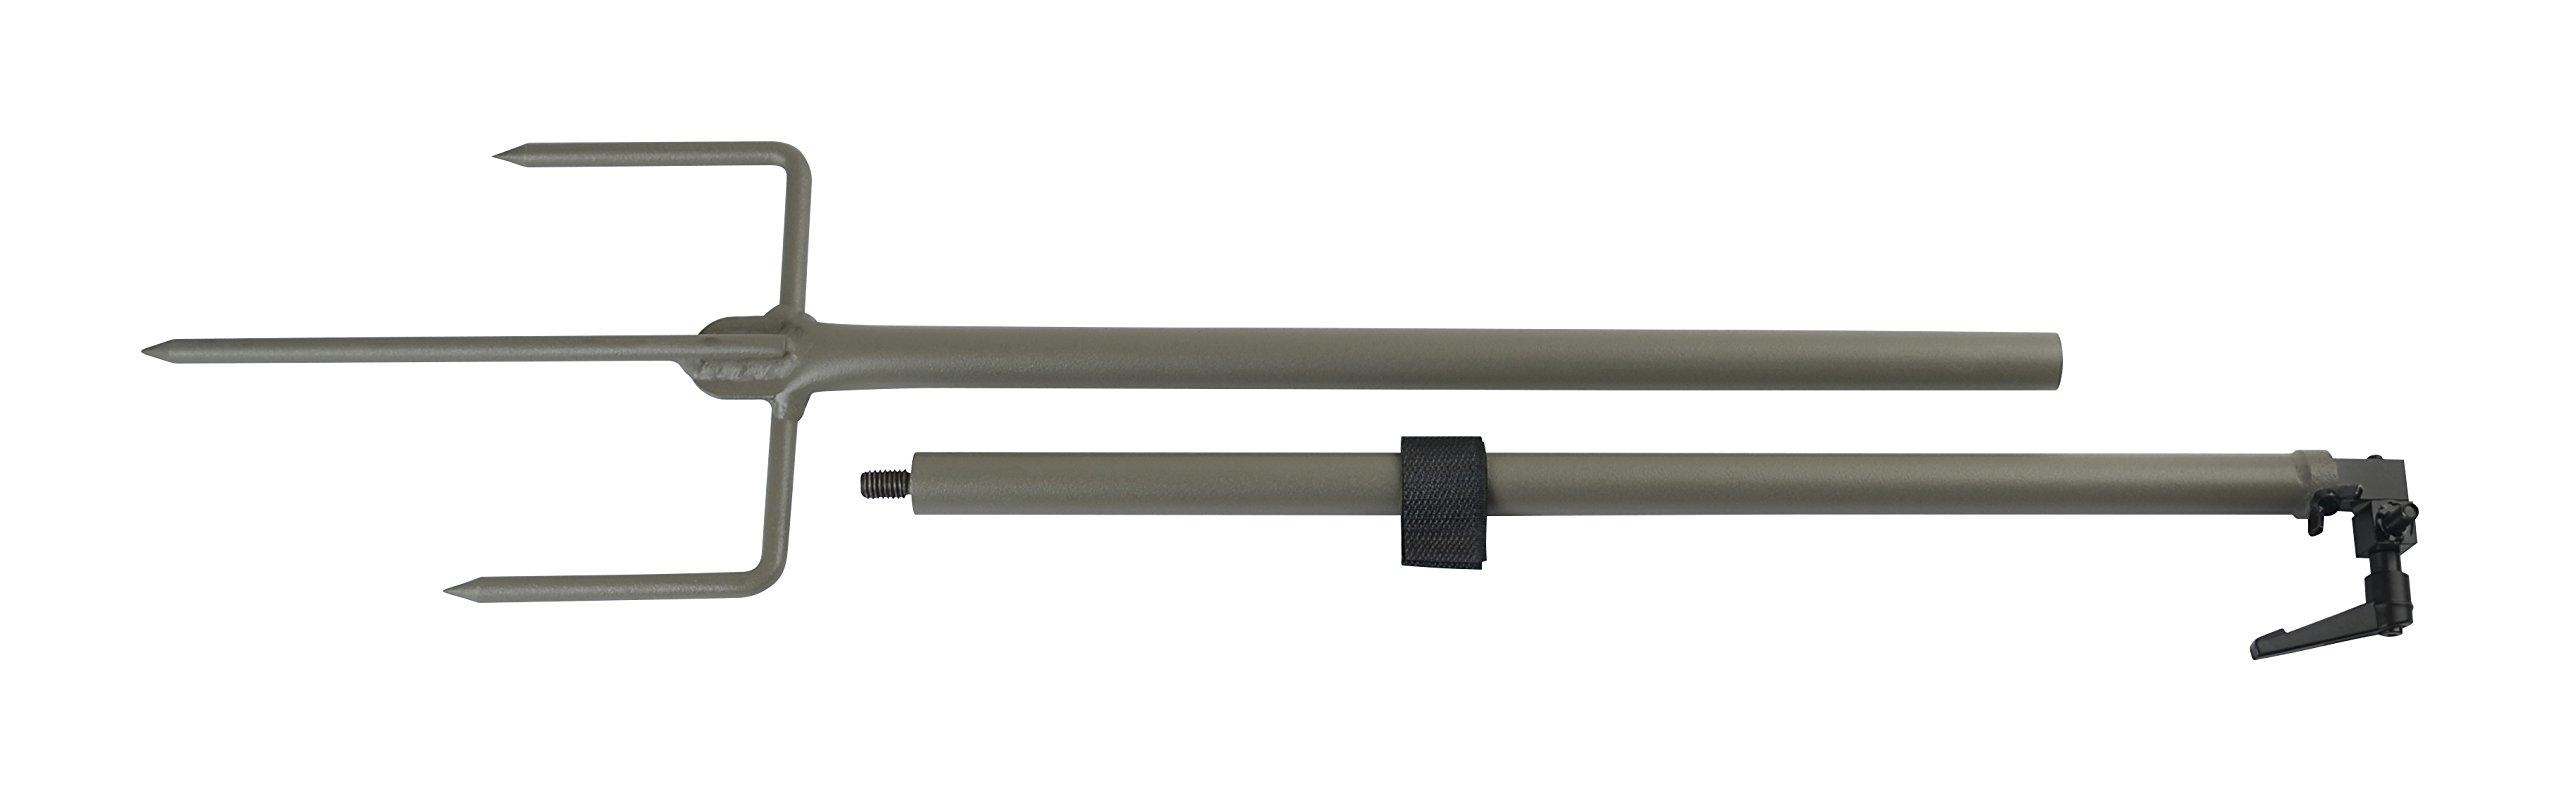 Stealth Cam DIGITAL CAMERA STC-CAMSTICK CAMERA ACCESSORIES